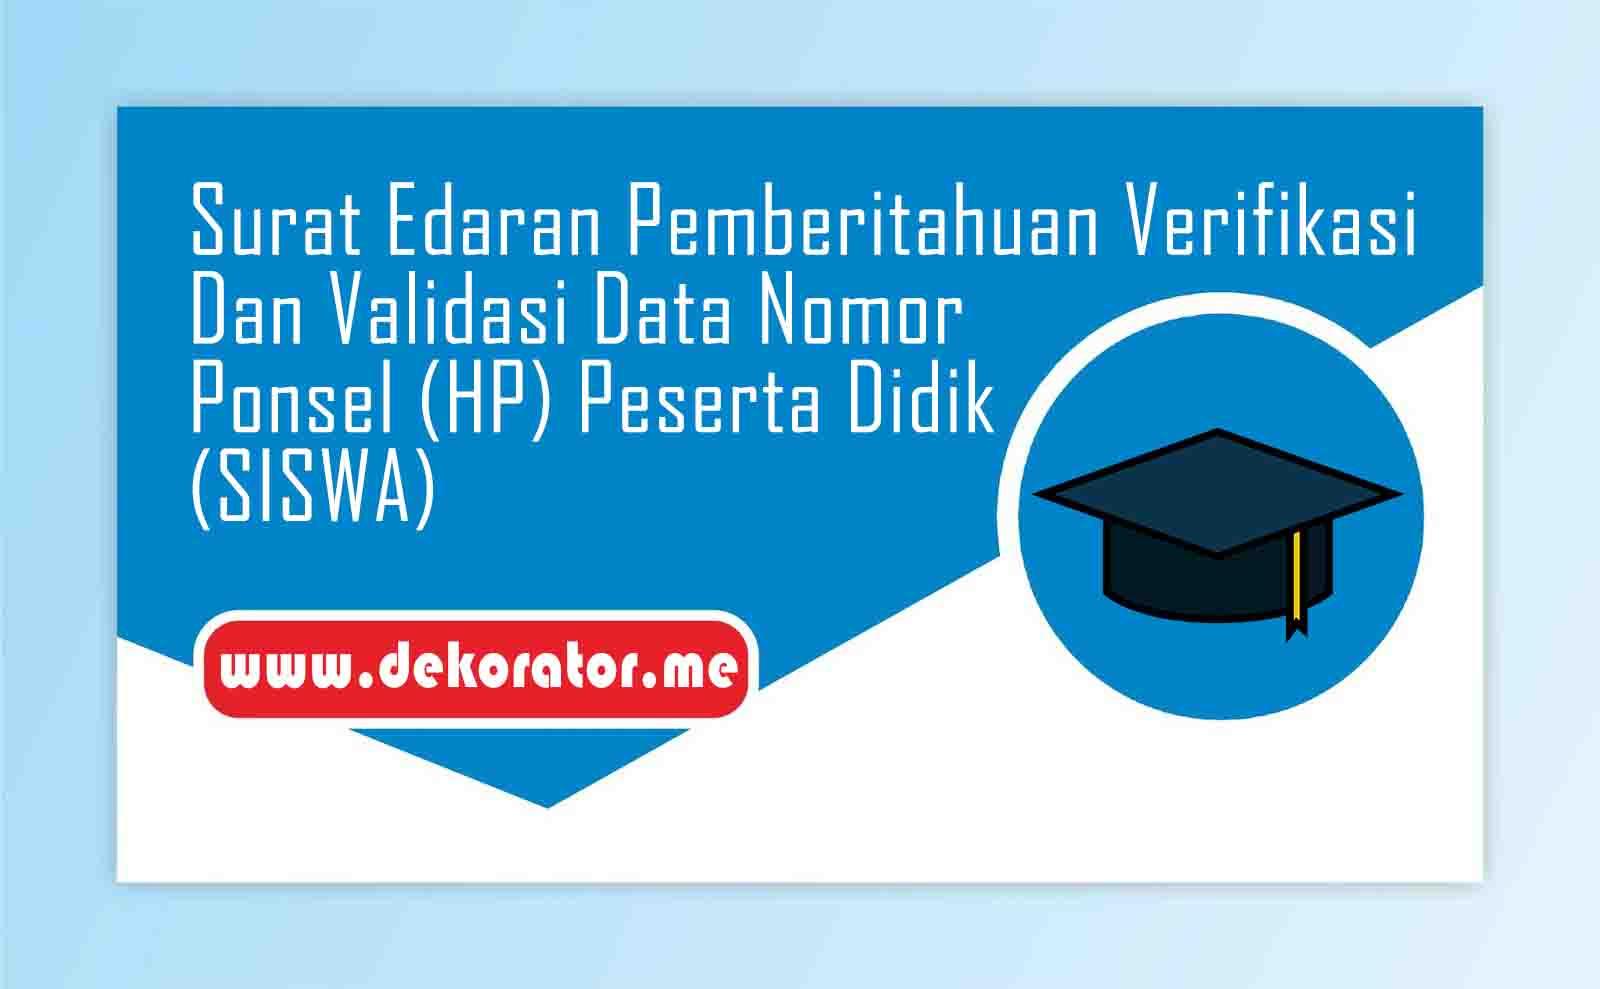 Surat Edaran Pemberitahuan Verifikasi Dan Validasi Data Nomor Ponsel (HP) Peserta Didik (SISWA)